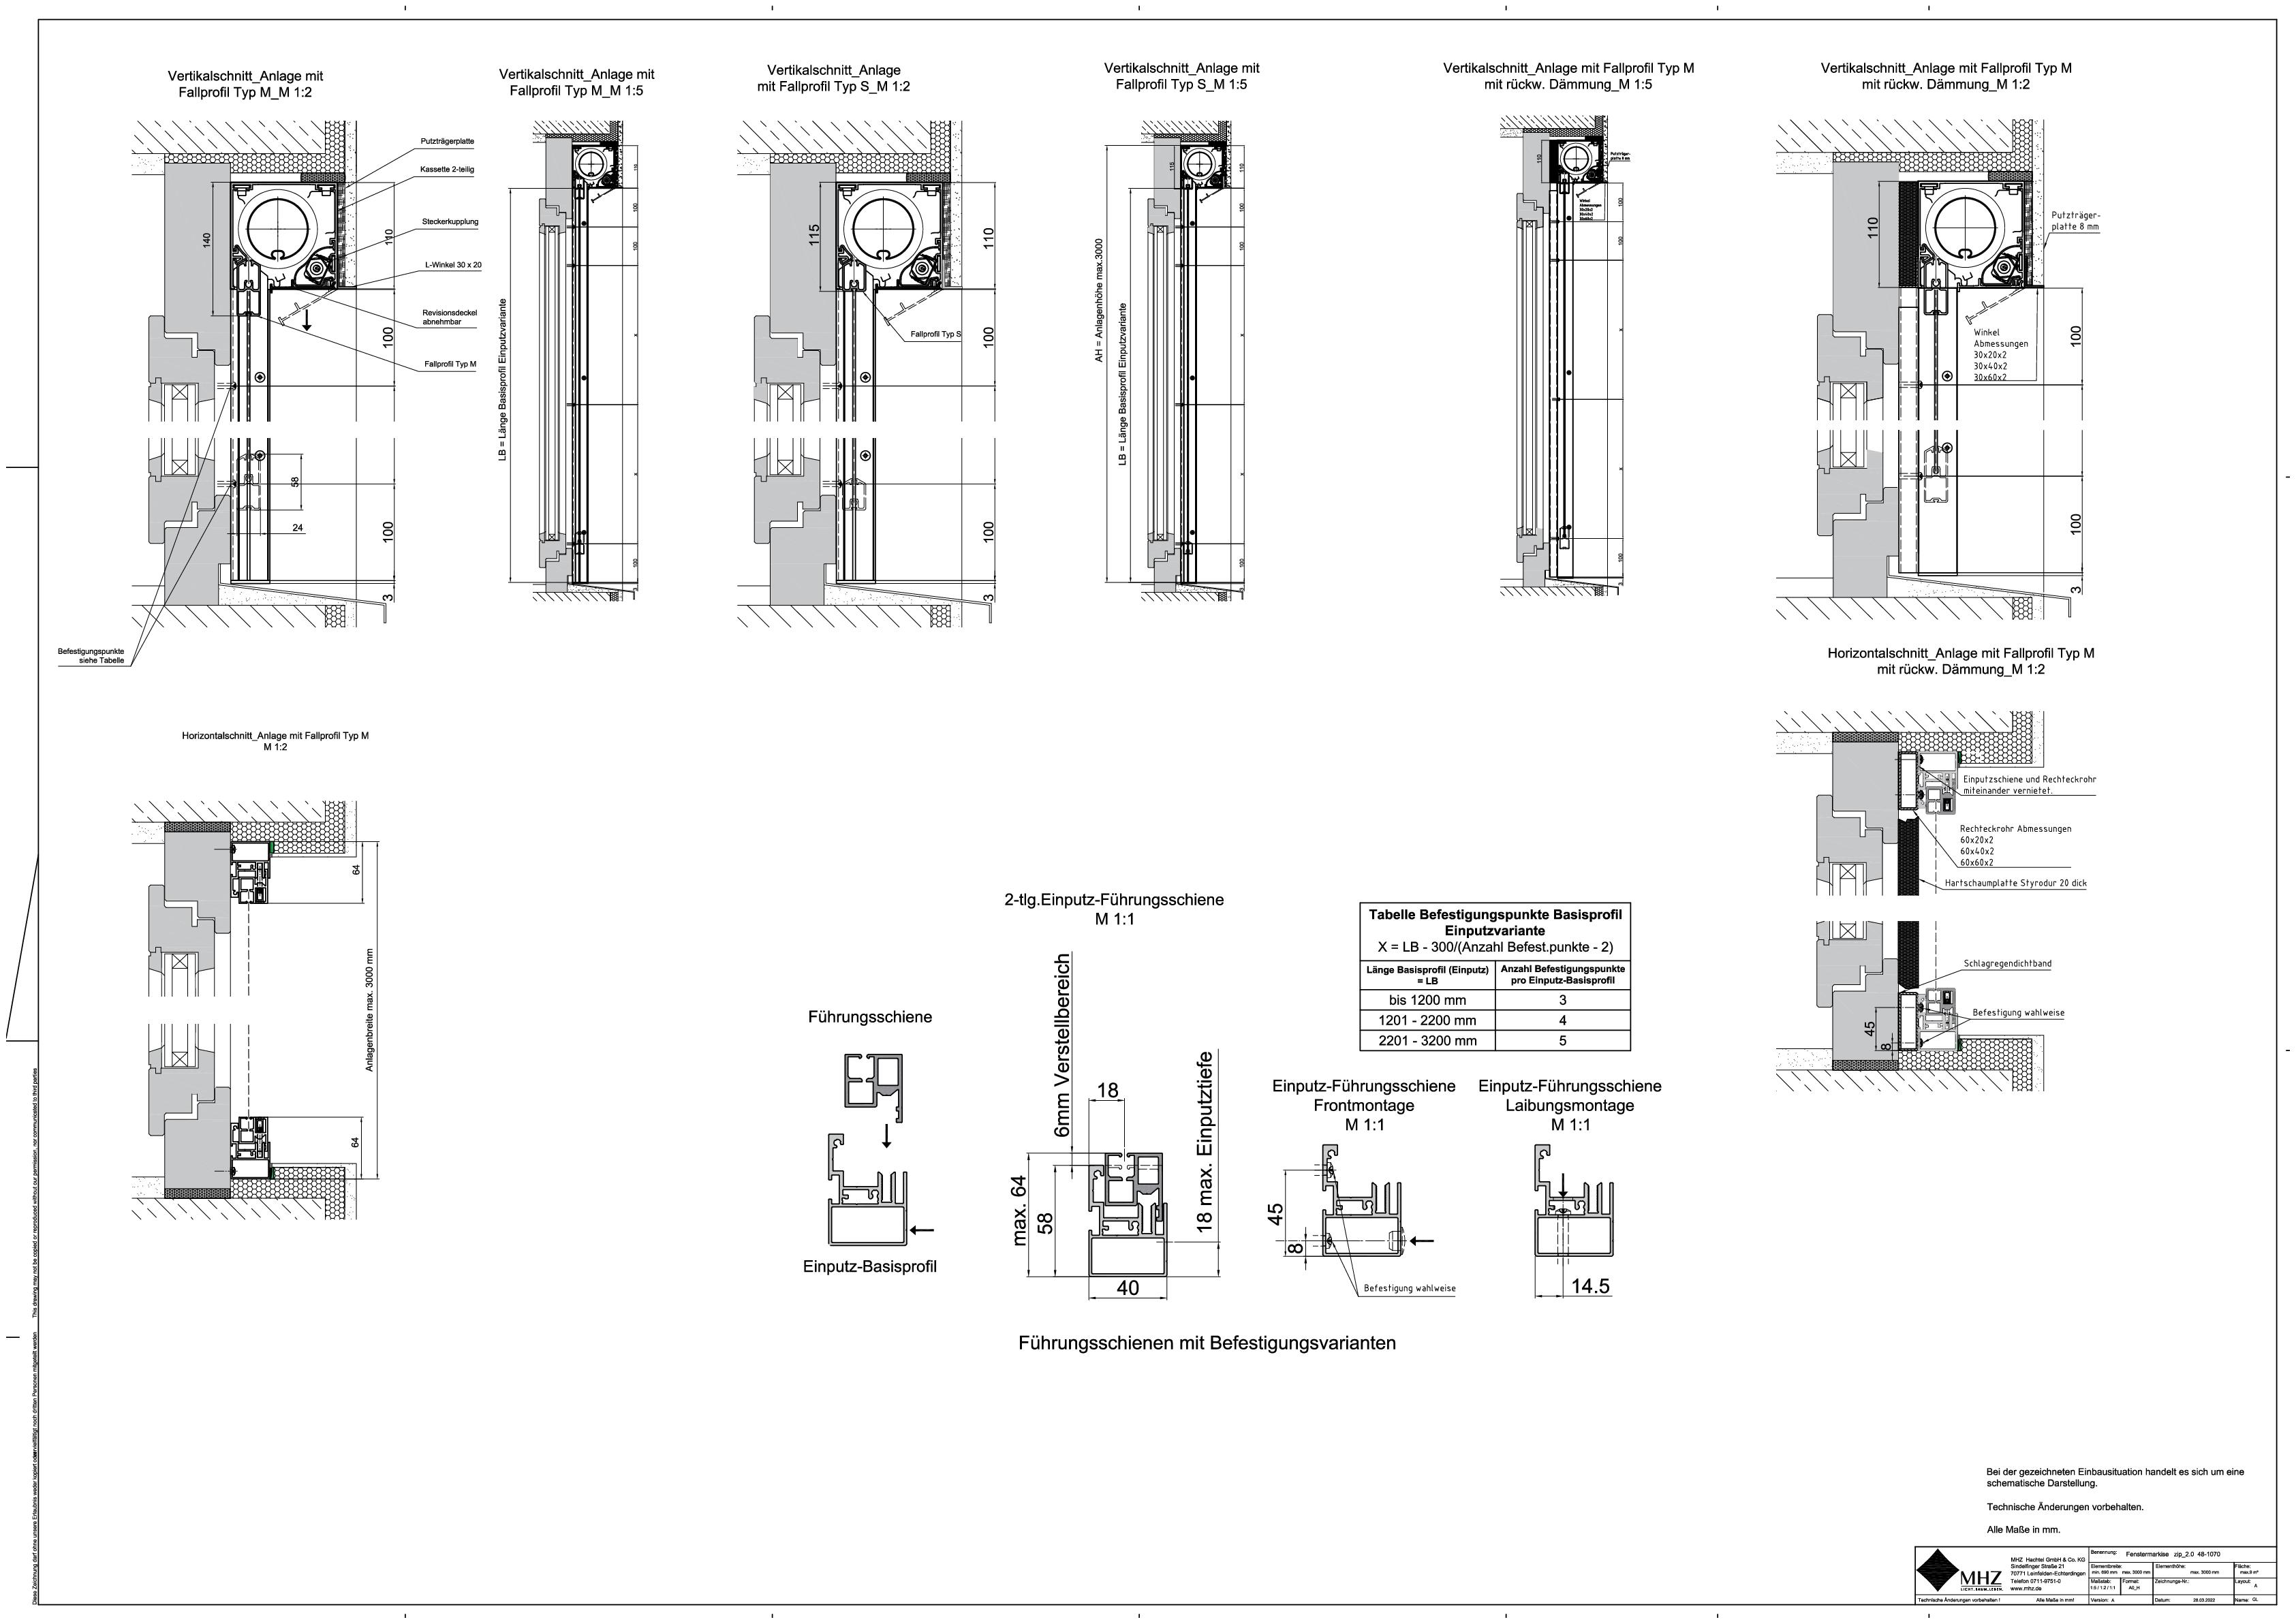 Technische Zeichnung dwg Fenstermarkisen zip_2.0 48-1070